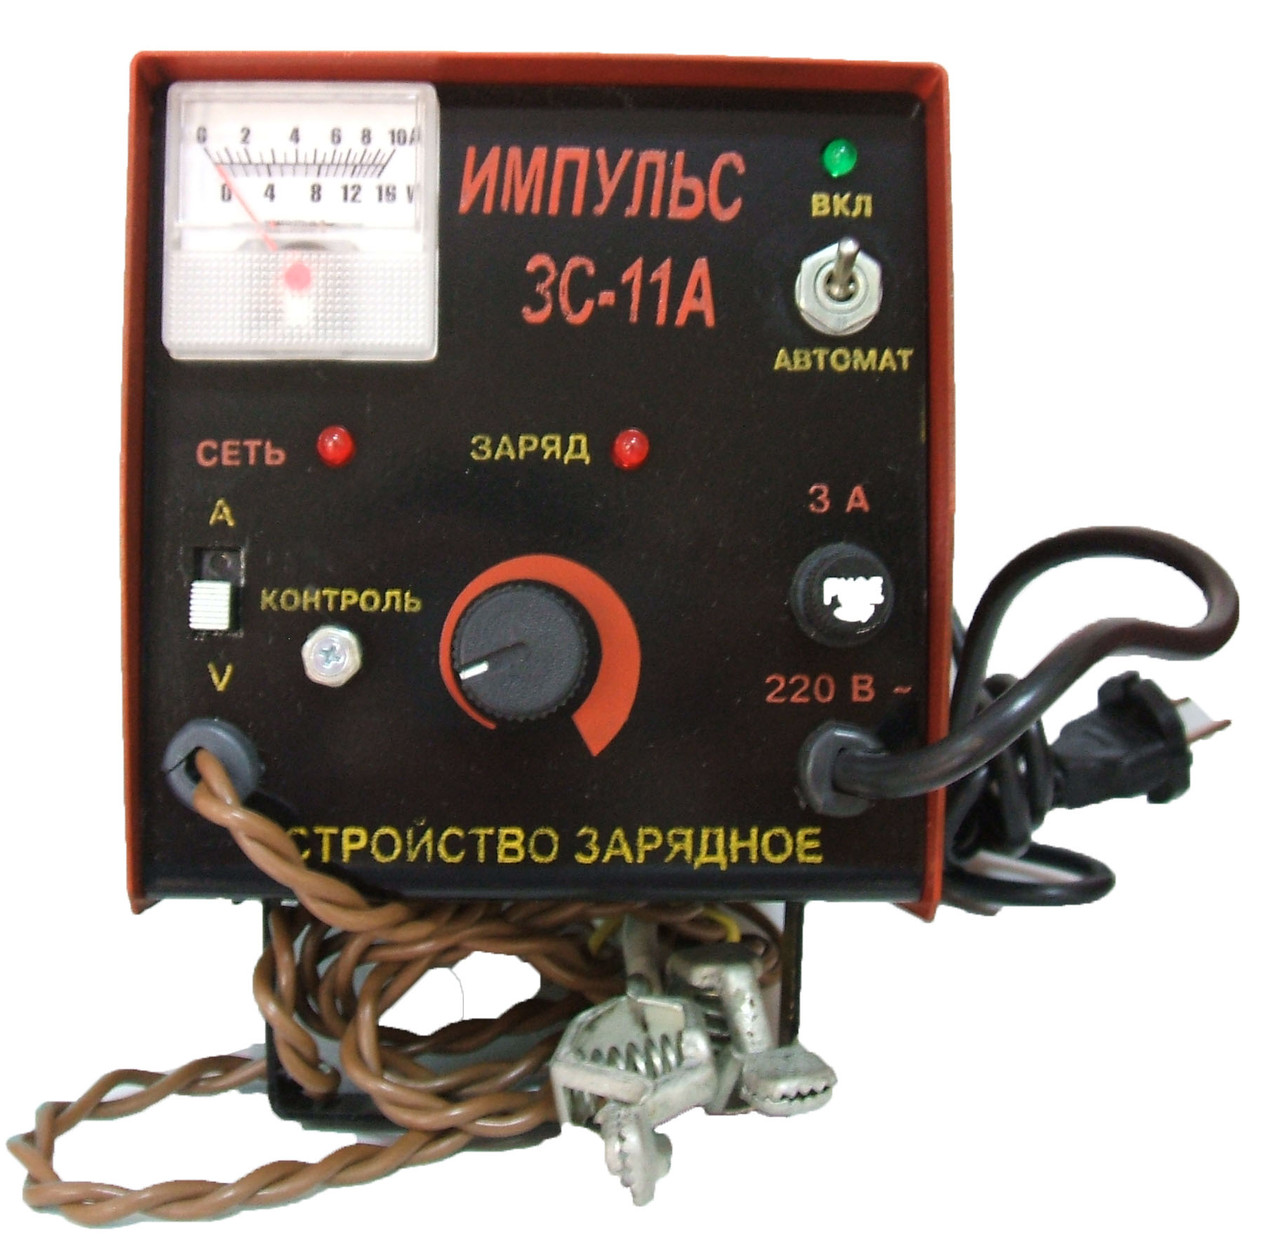 Зарядное устройство ИМПУЛЬС ЗС-11А Автоматическое (0-10 А)